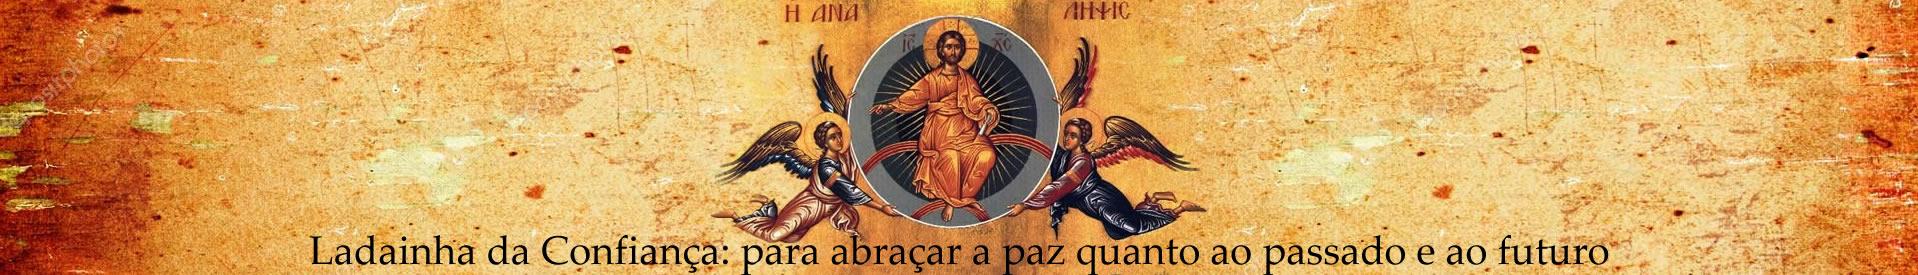 ladainha a Jesus